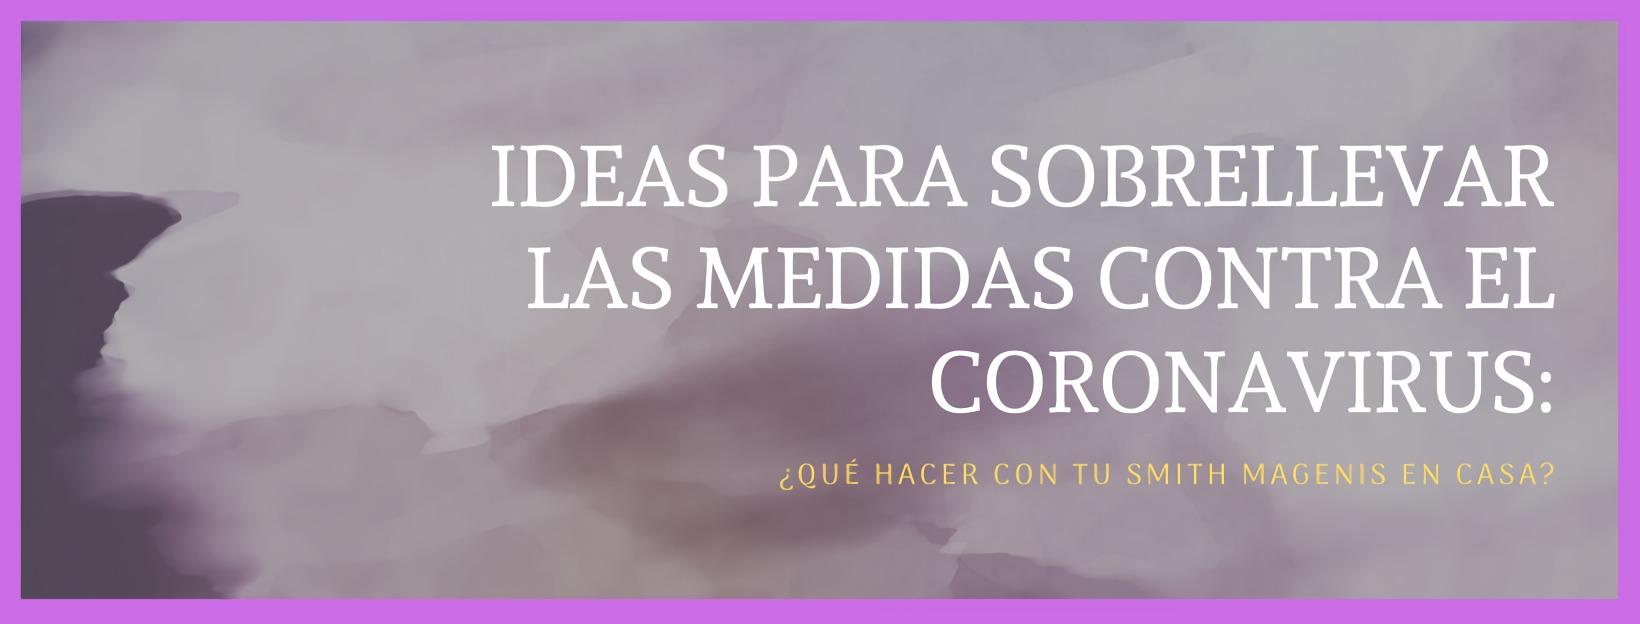 IDEAS PARA SOBRELLEVAR LAS MEDIDAS CONTRA EL CORONAVIRUS